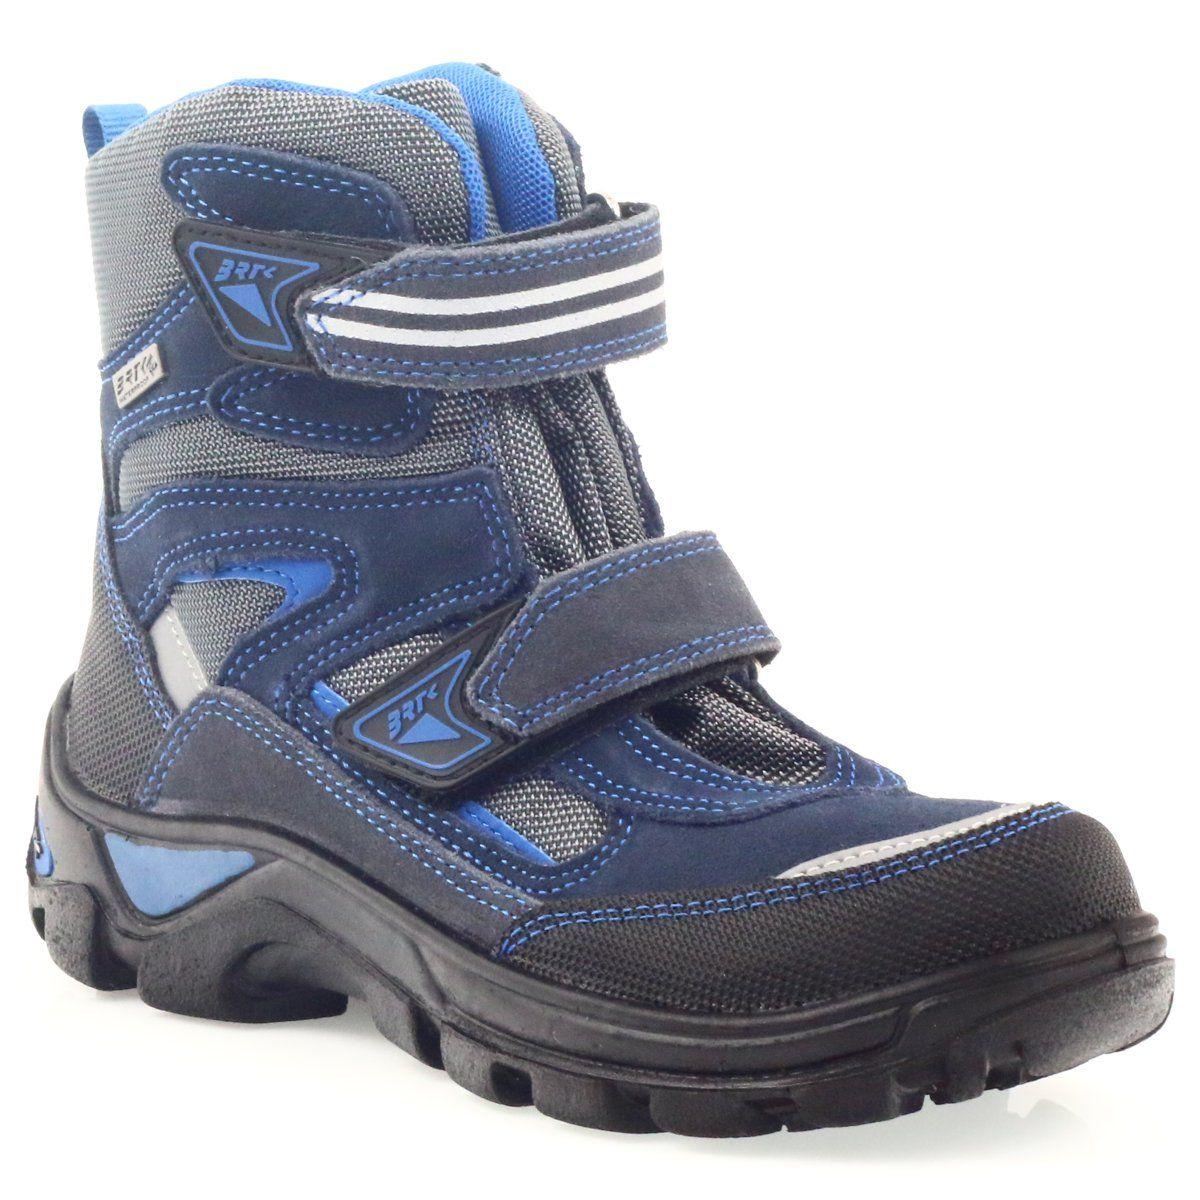 Kozaki Membrana Bartek 44673 Niebieskie Szare Granatowe Boots Hiking Boots Winter Boot